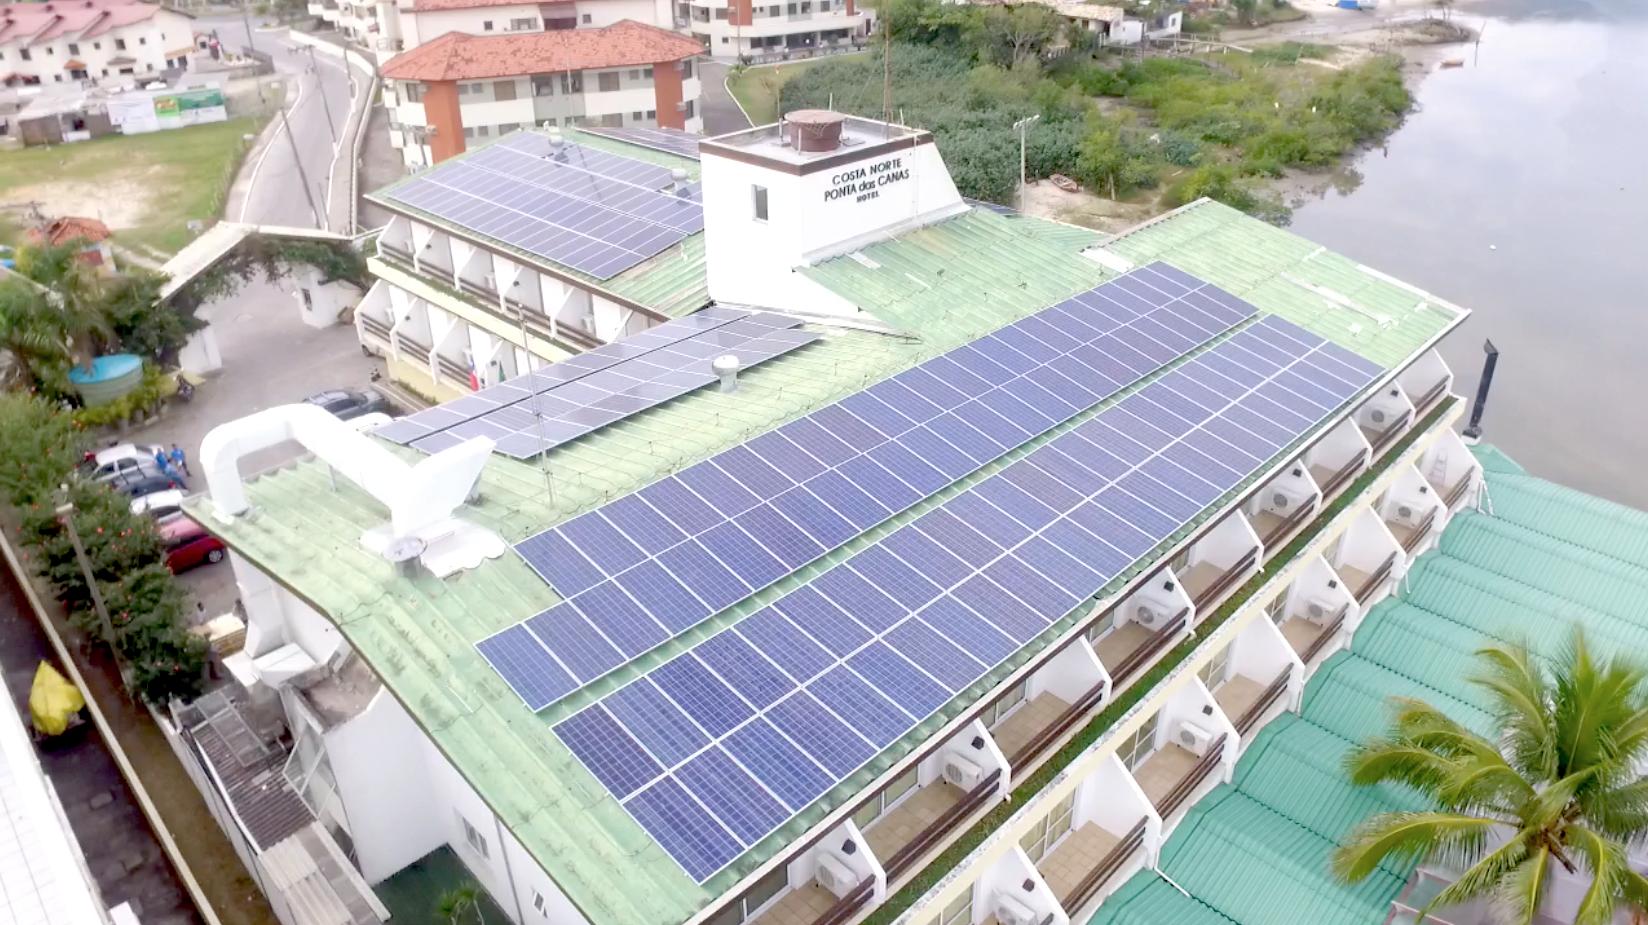 hotel-costa-norte-projeto-solar2